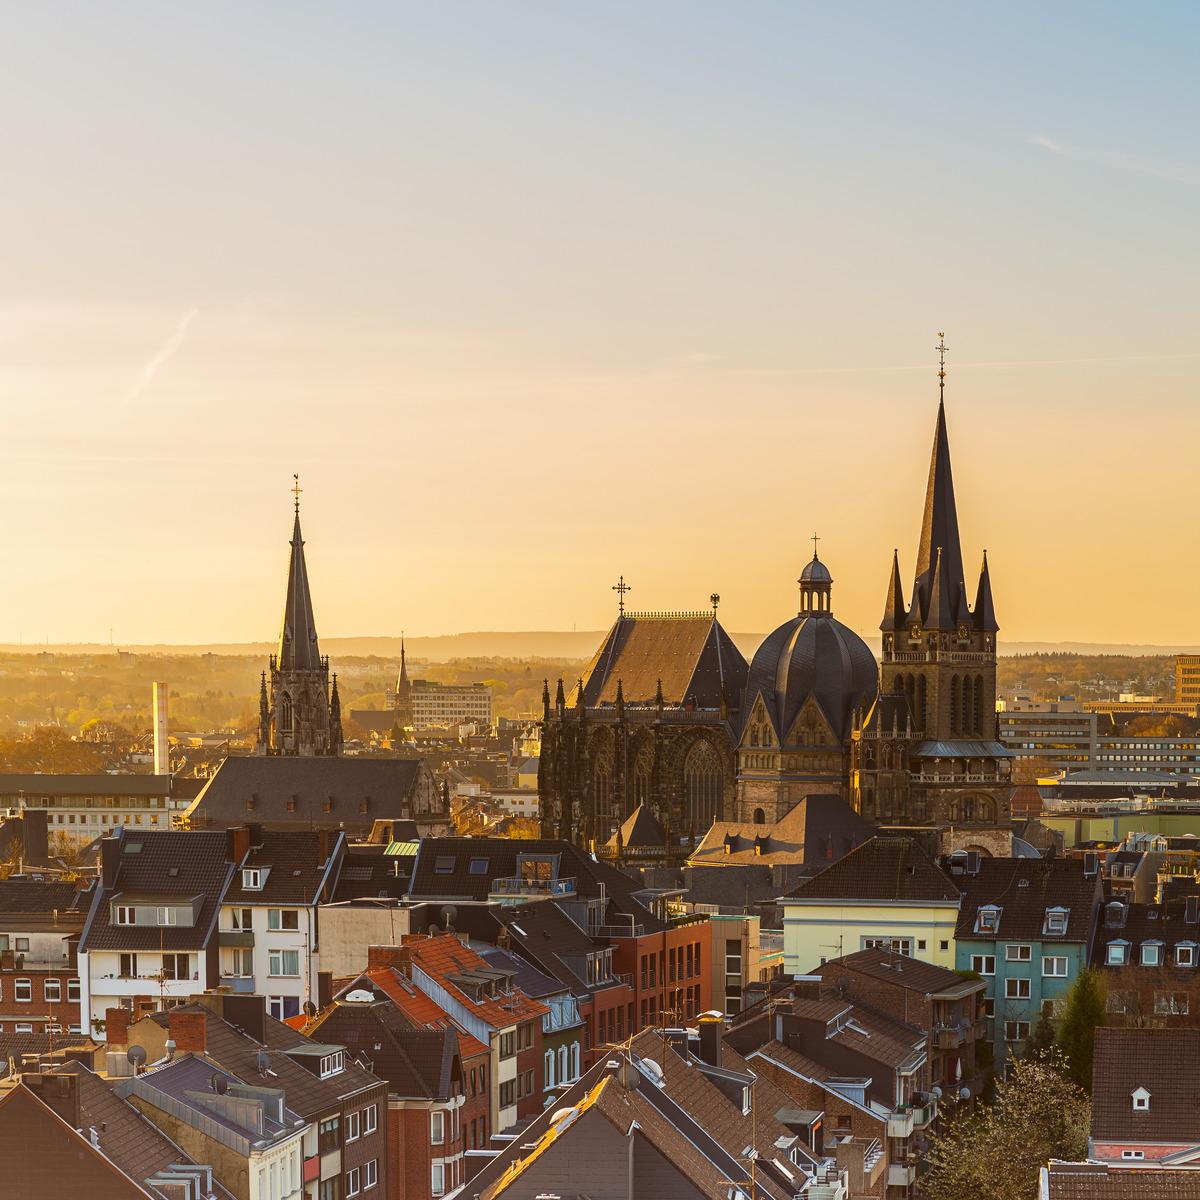 Dom in Aachen im Sonnenaufgang